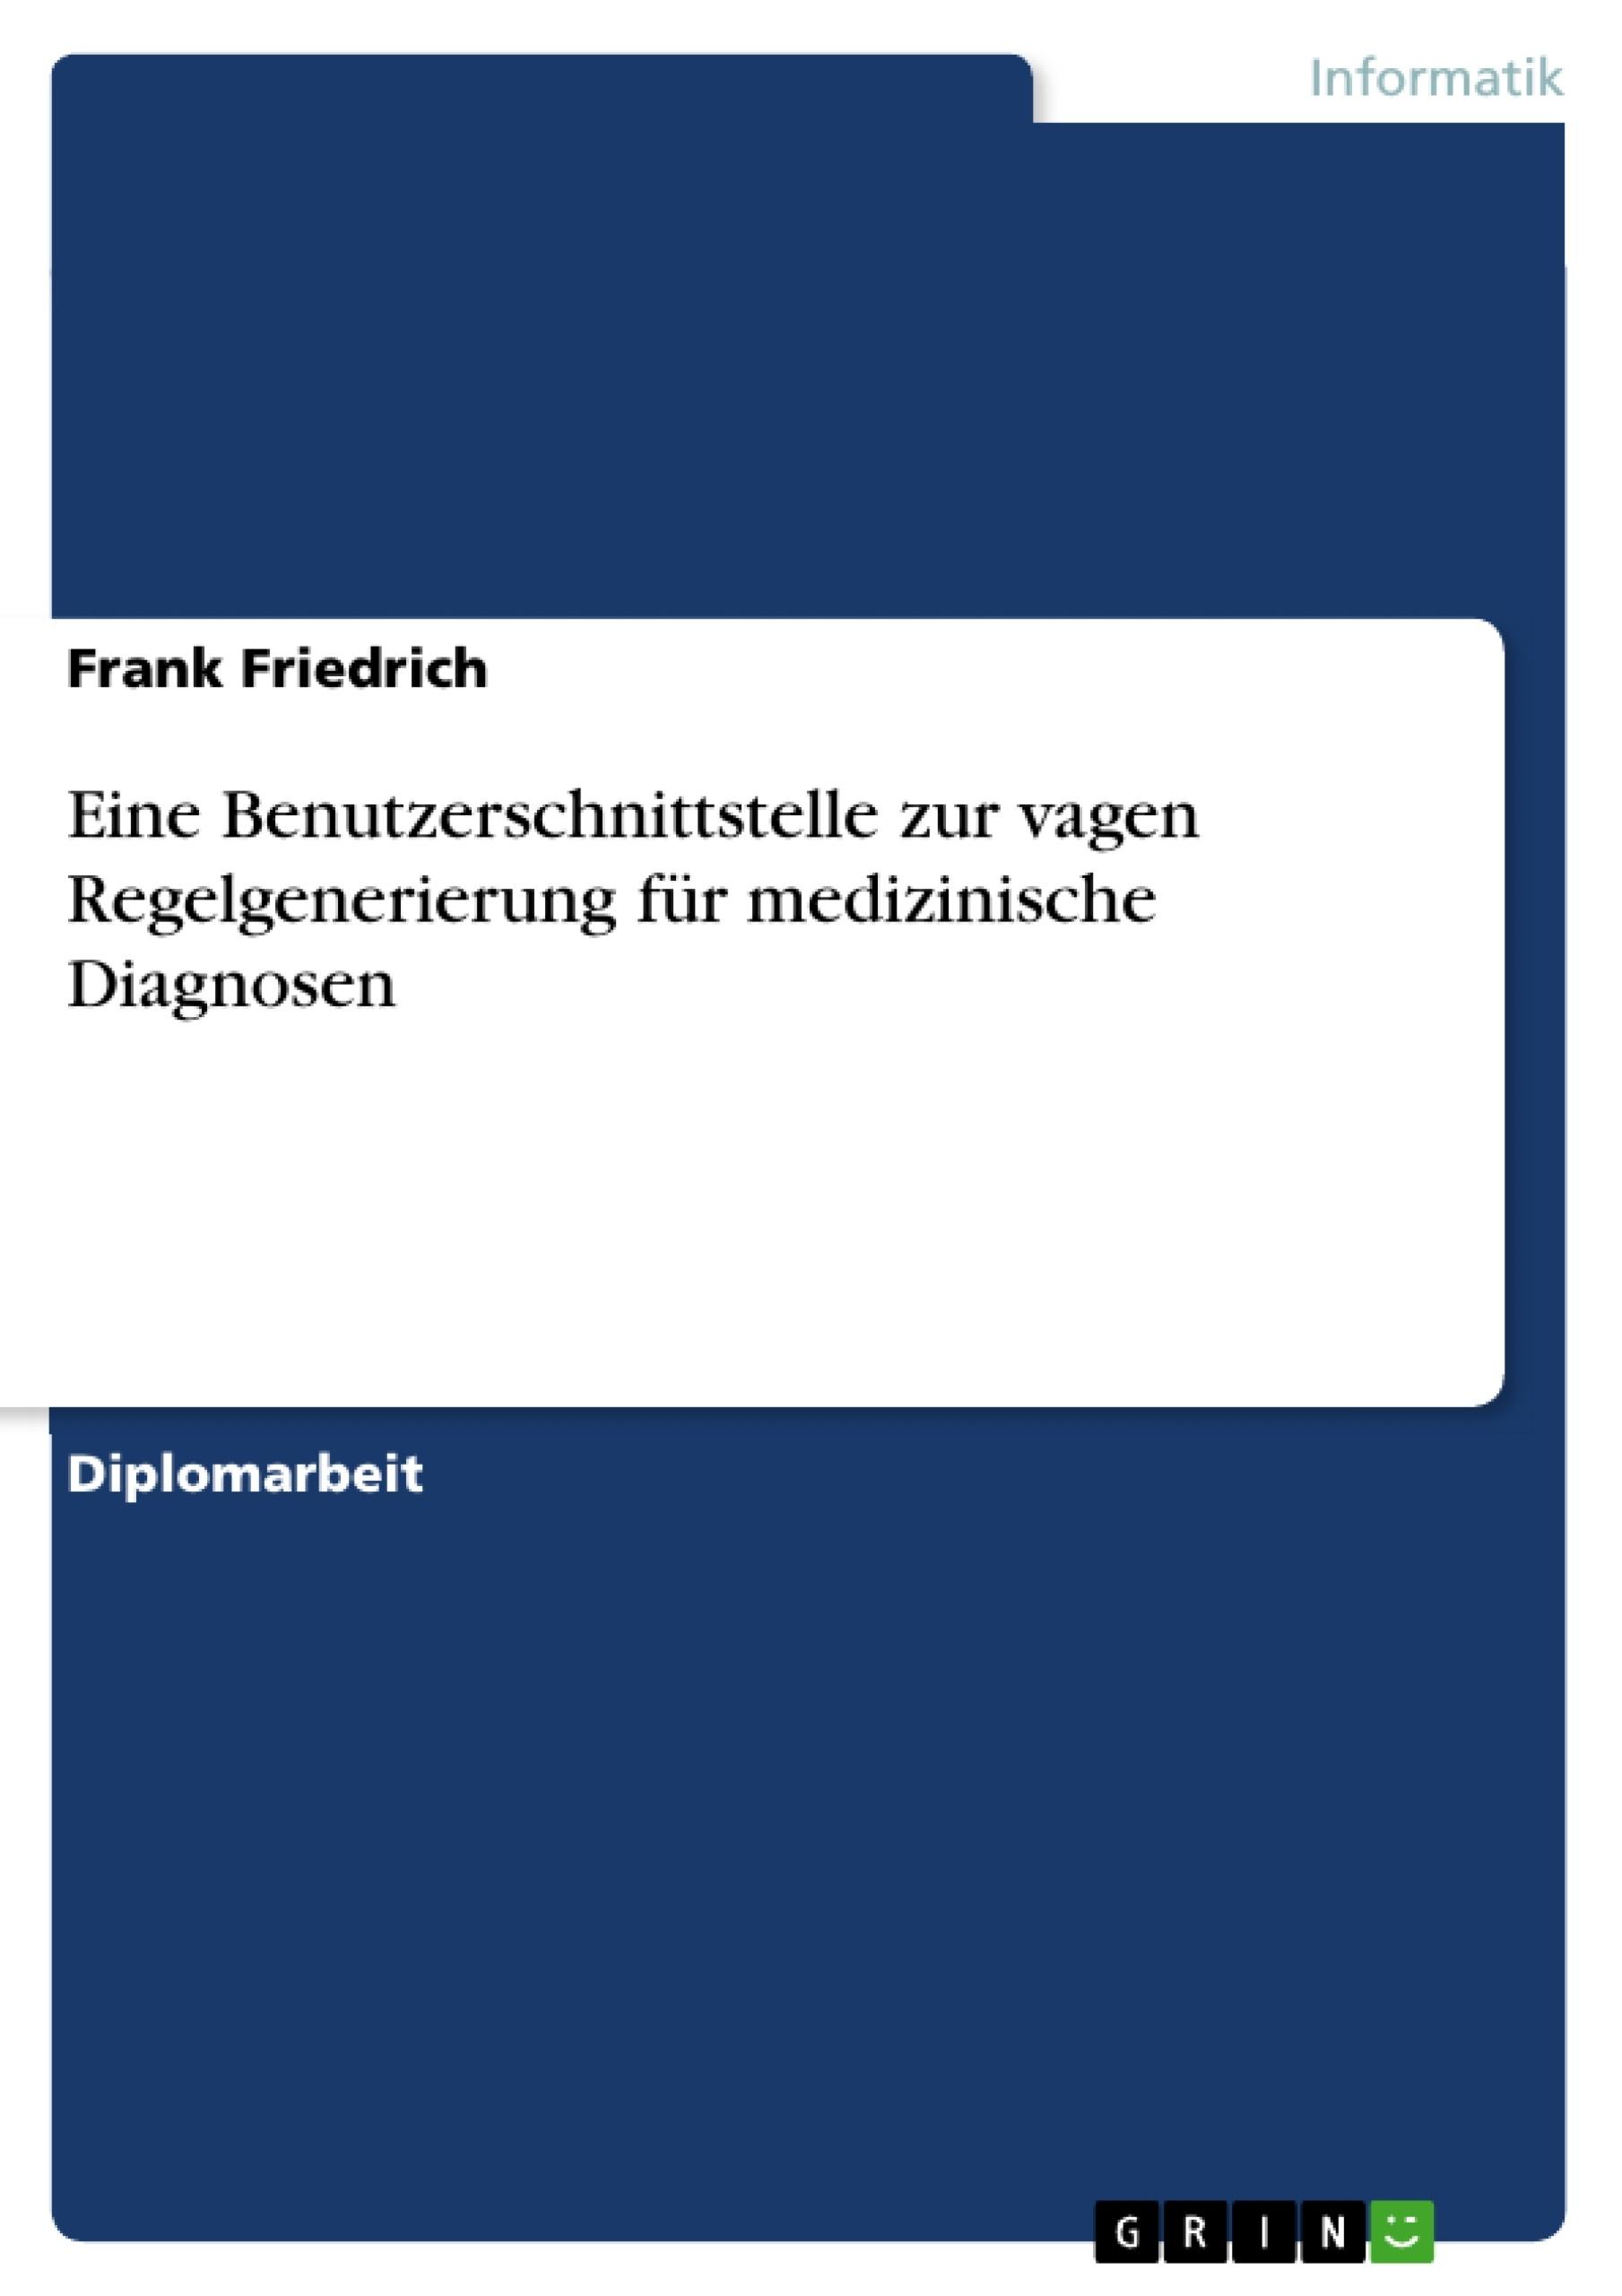 Titel: Eine Benutzerschnittstelle zur vagen Regelgenerierung für medizinische Diagnosen